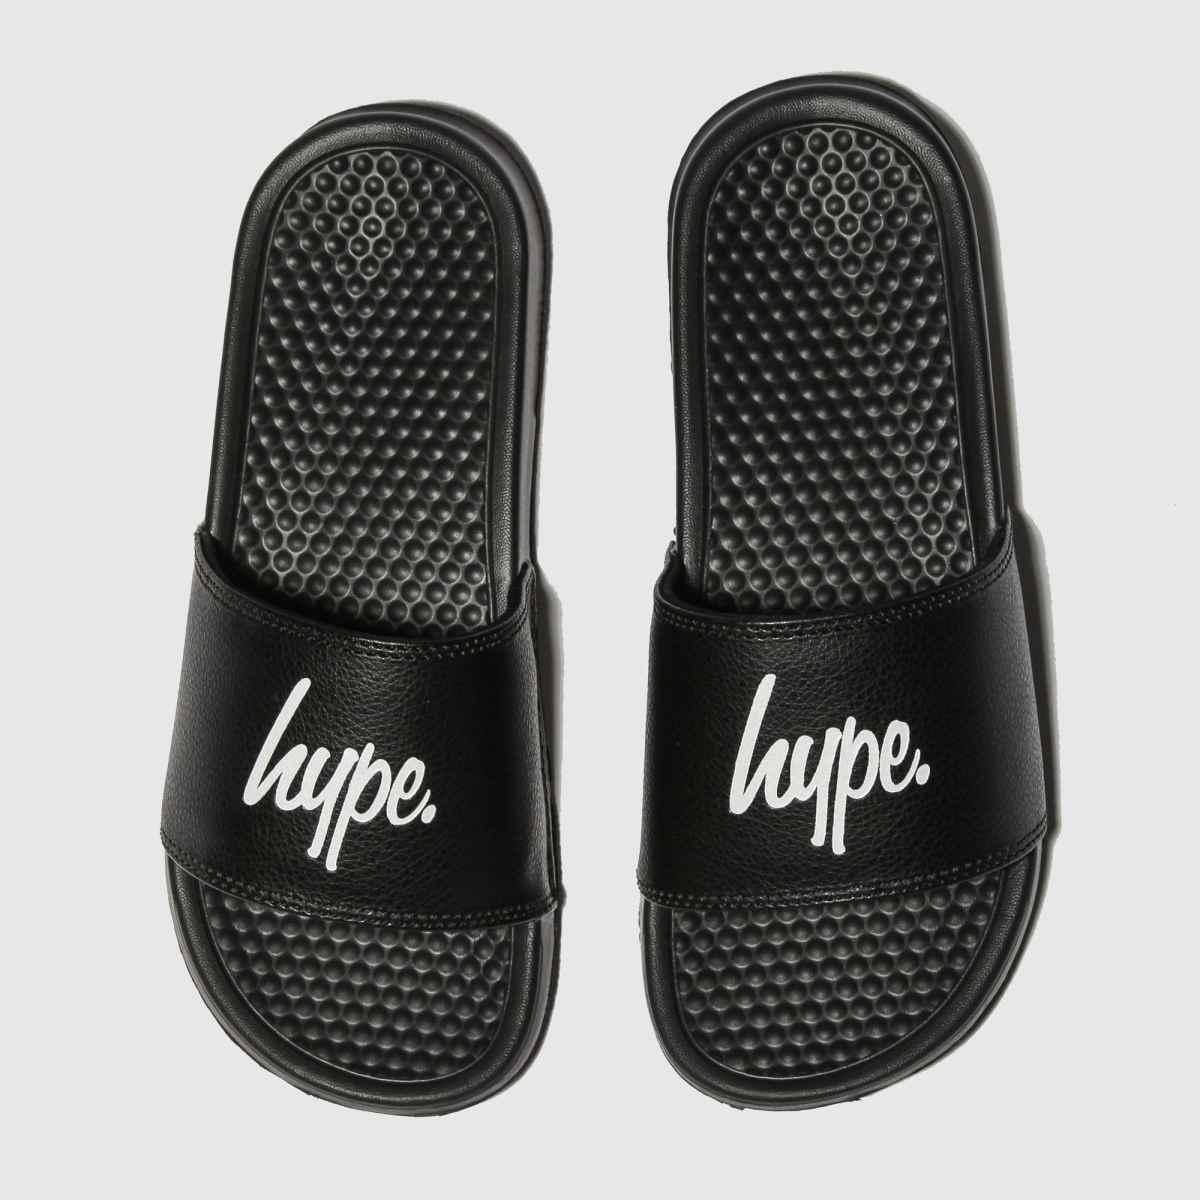 Hype Black & White Script Sliders Sandals Junior